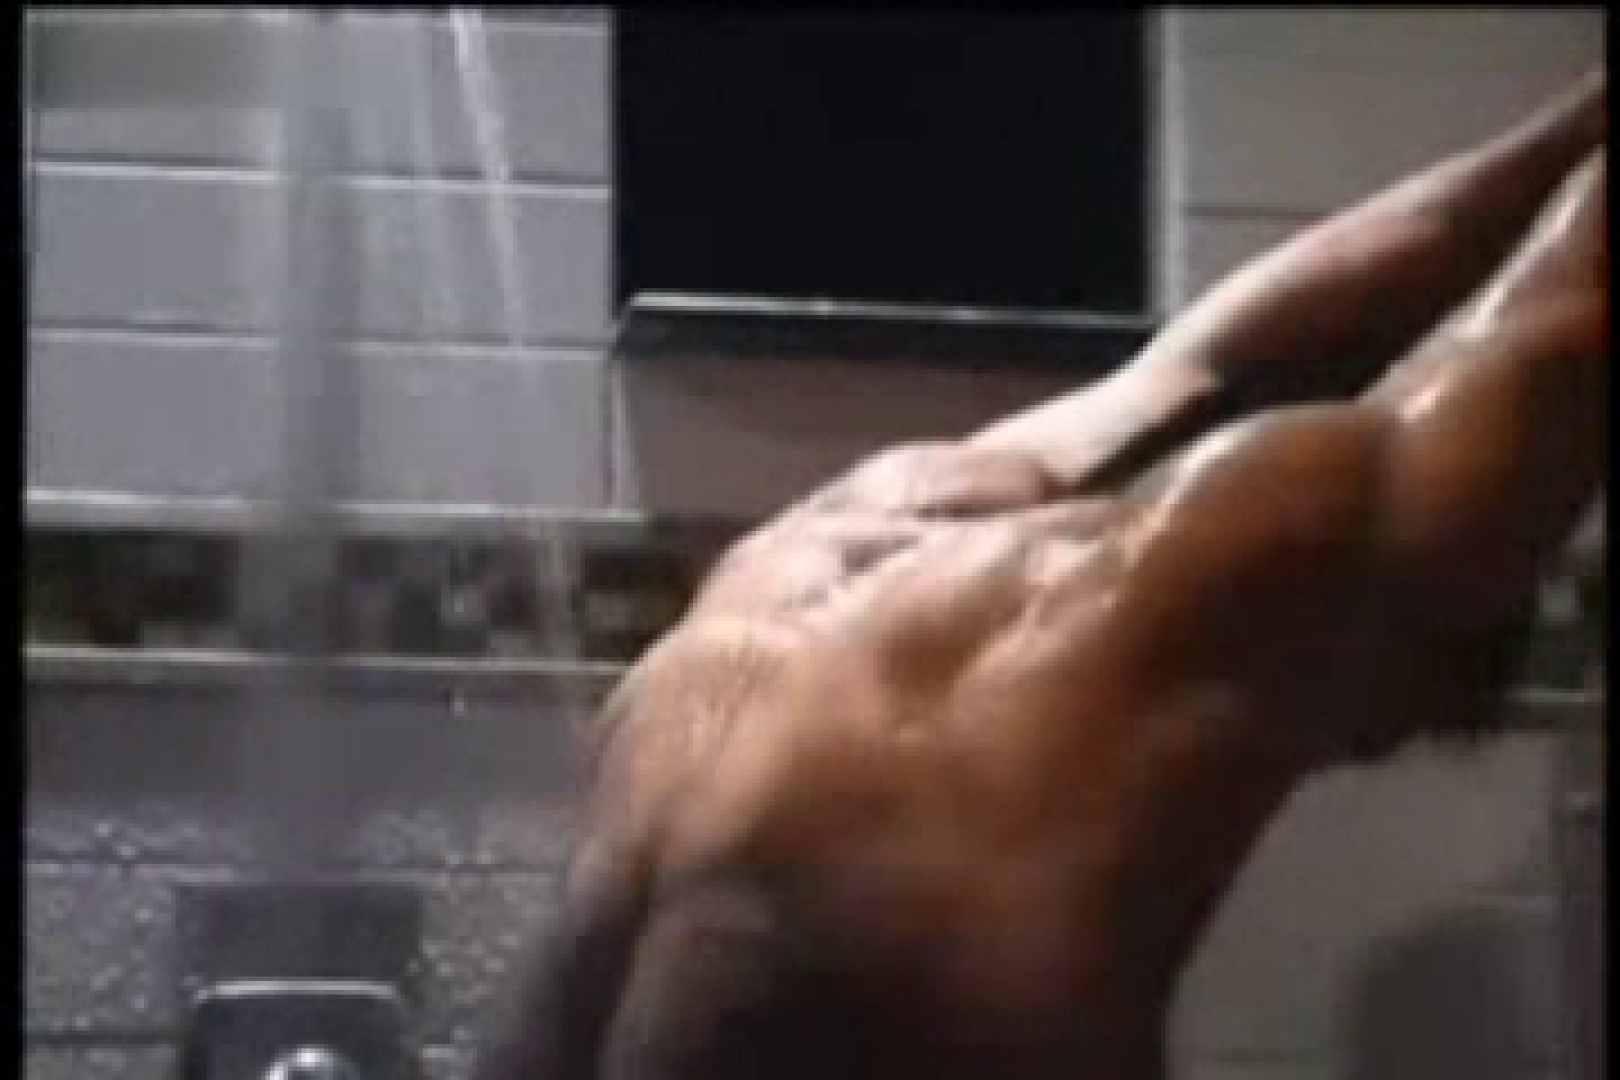 中出有名ゲイ雑誌★魅力●生★付録DVD収録スーパーモデルヌードvol9 モデル   イメージ (sex) アダルトビデオ画像キャプチャ 112枚 110